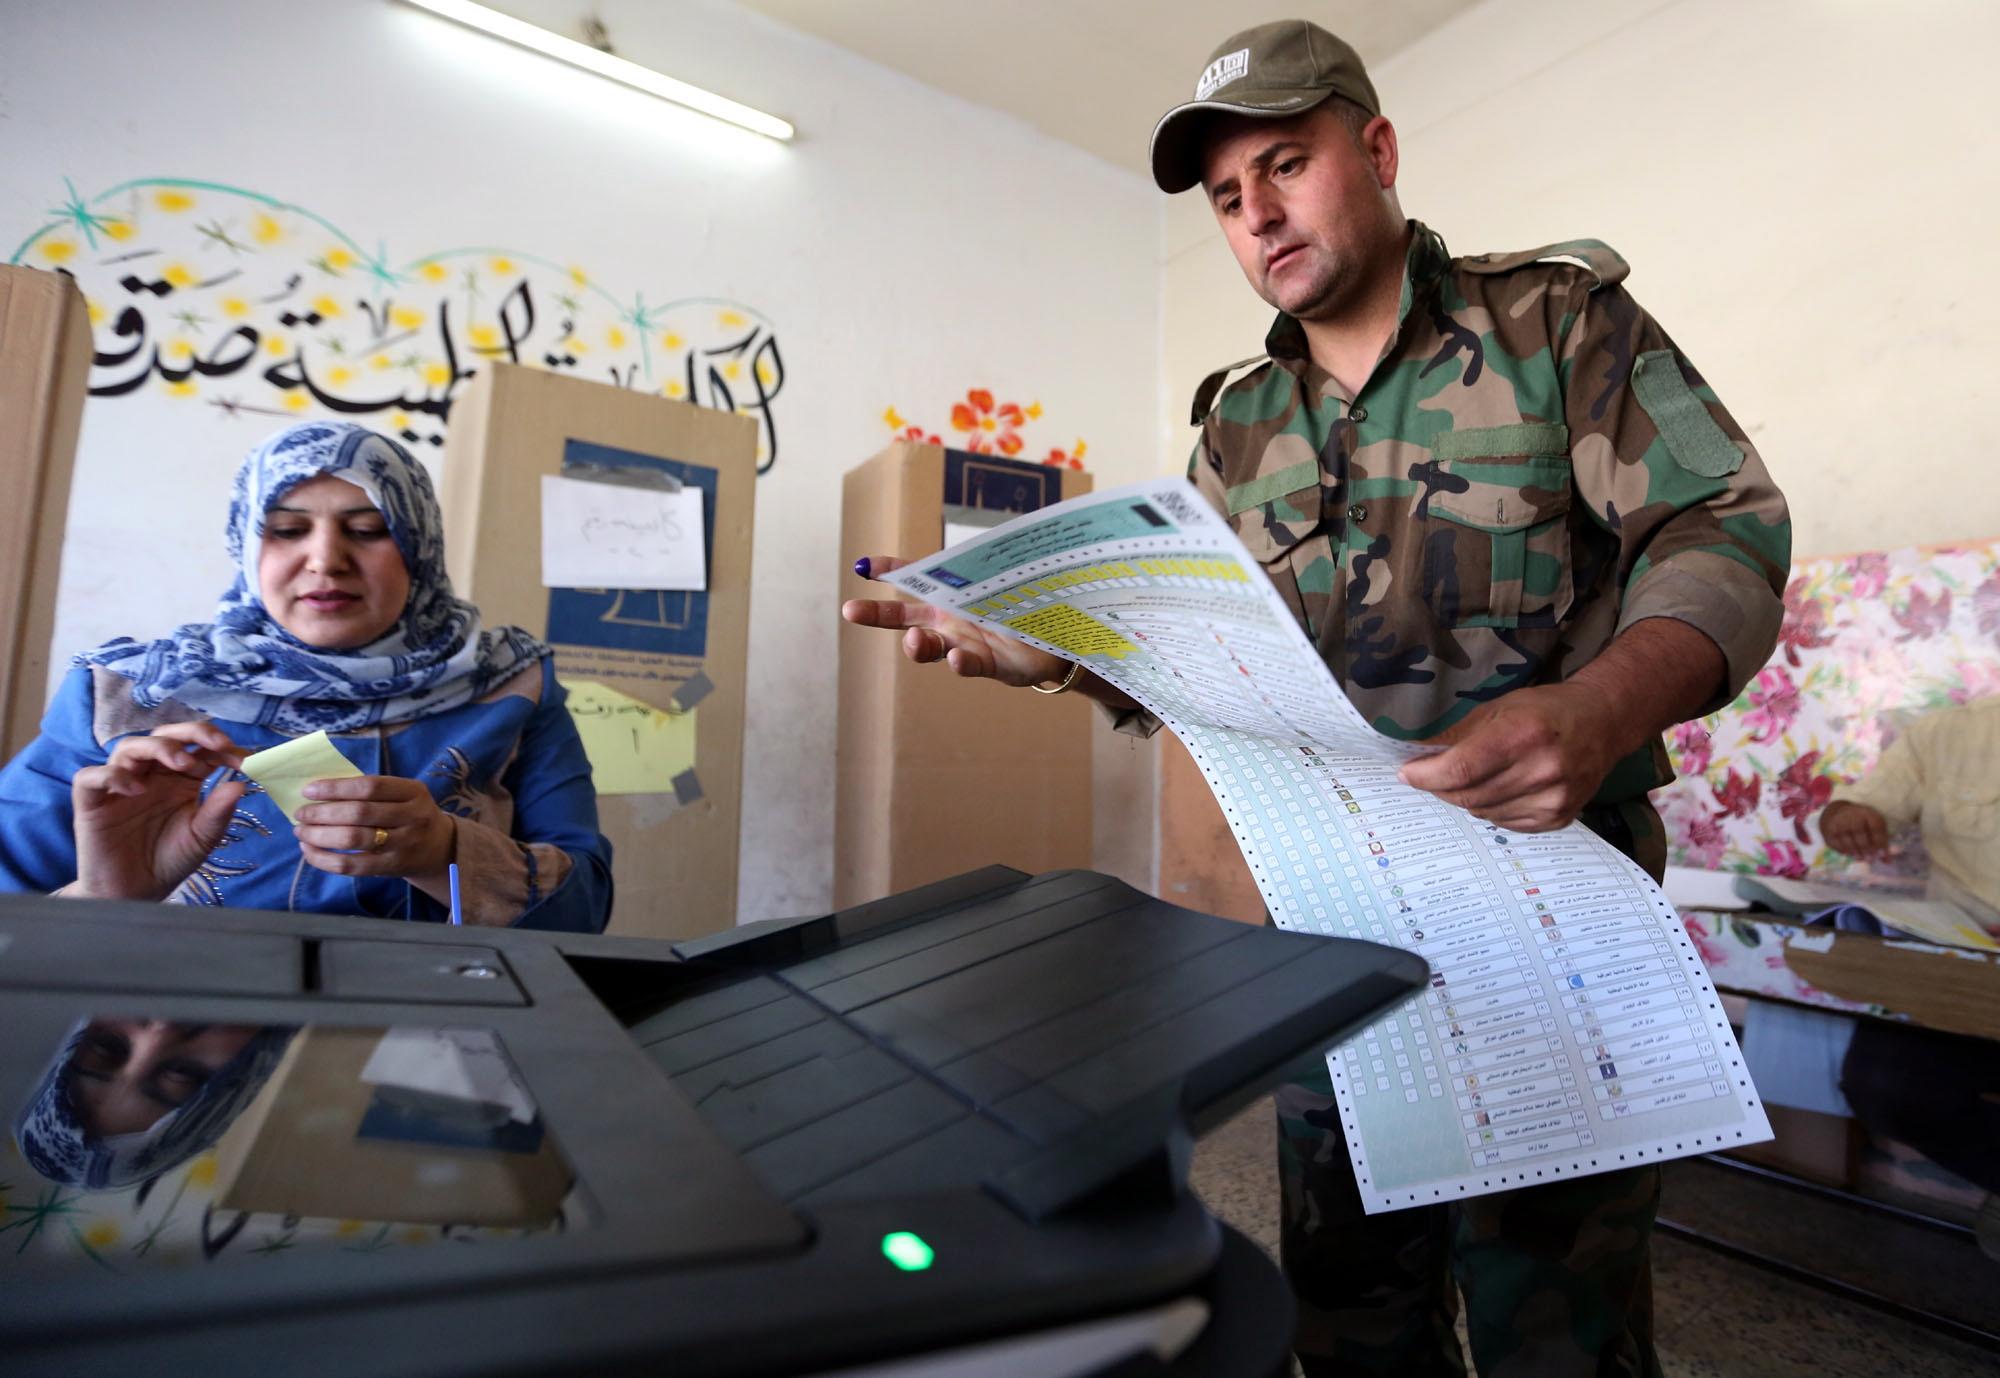 BAGDAD Zbog požara u skladištu glasačkih listića uhićena trojica policajaca i članova izbornog povjerenstva